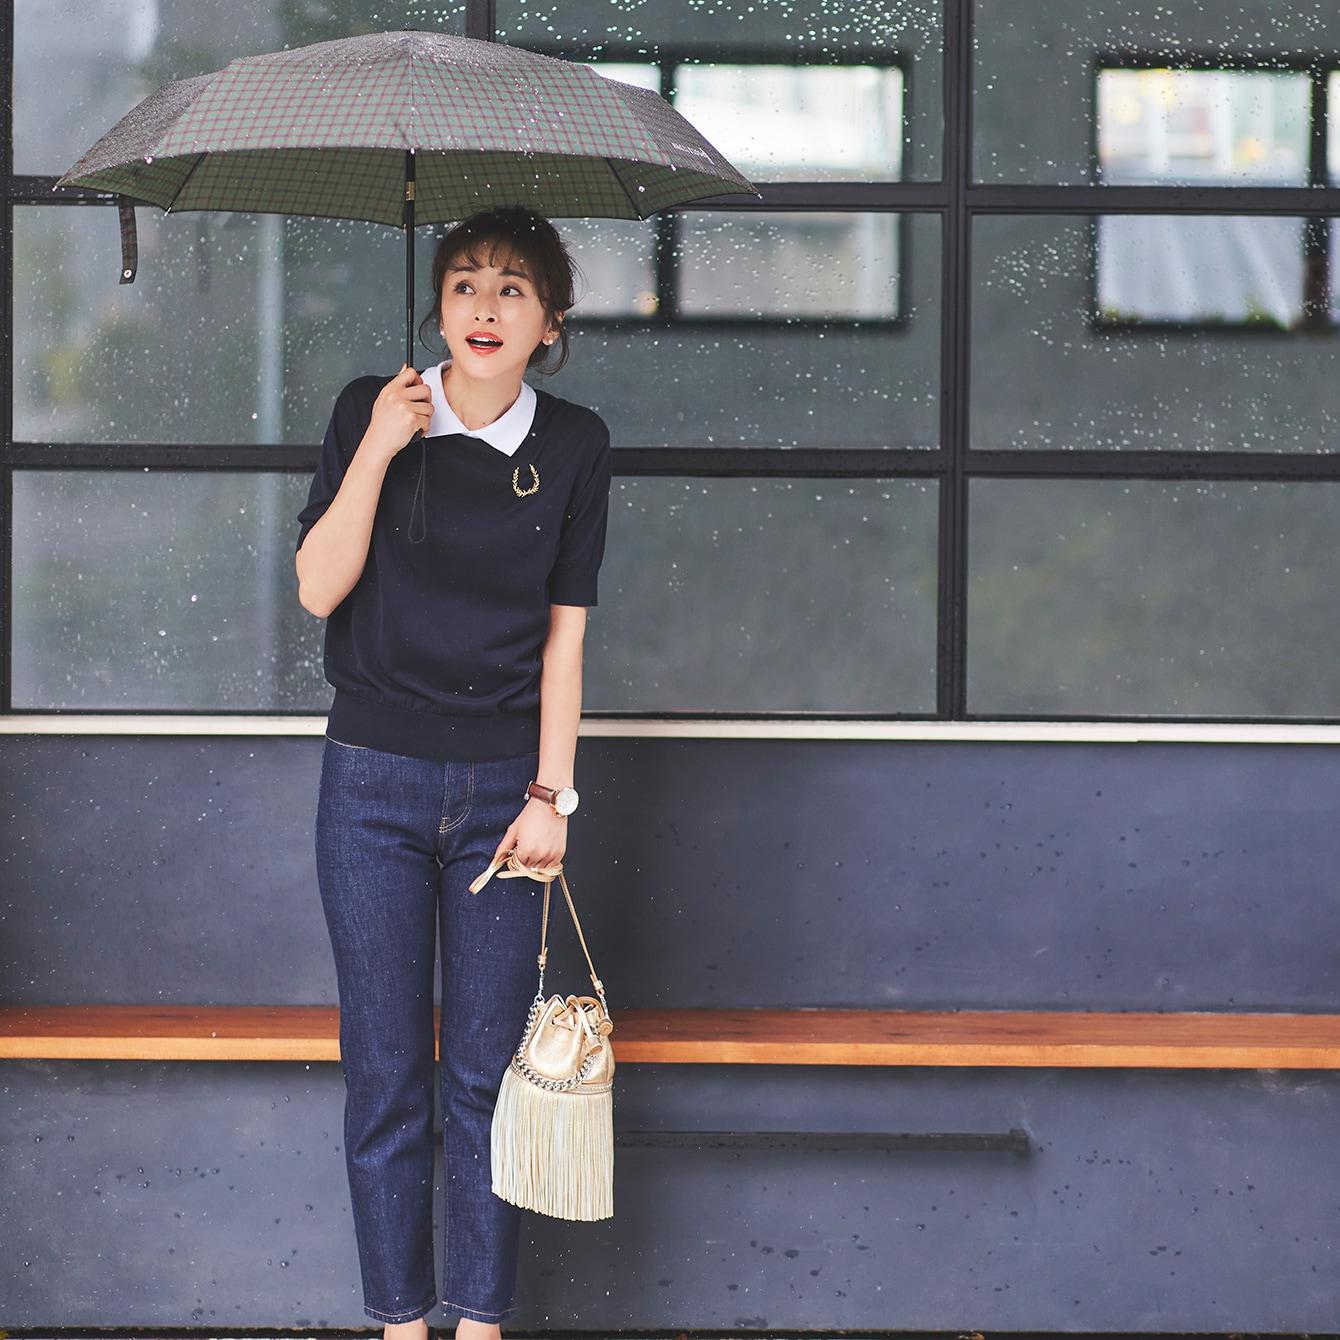 【雨の日コーデ】にわか雨が多い今年の梅雨は「軽量折りたたみ傘」と「撥水トレンド靴」が必須!